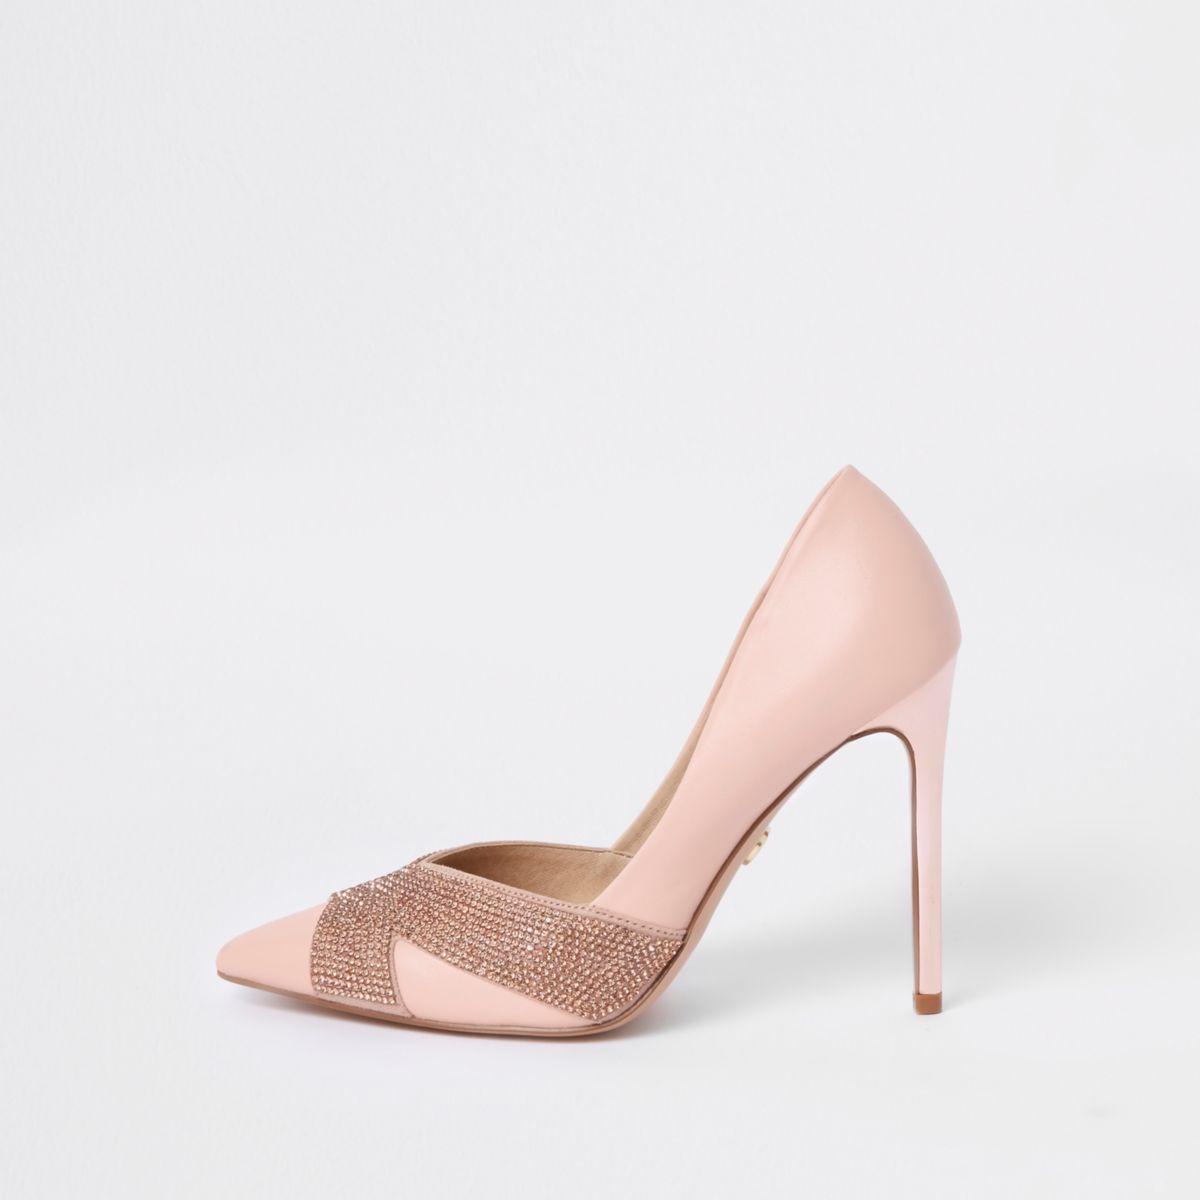 Pink embellished pumps